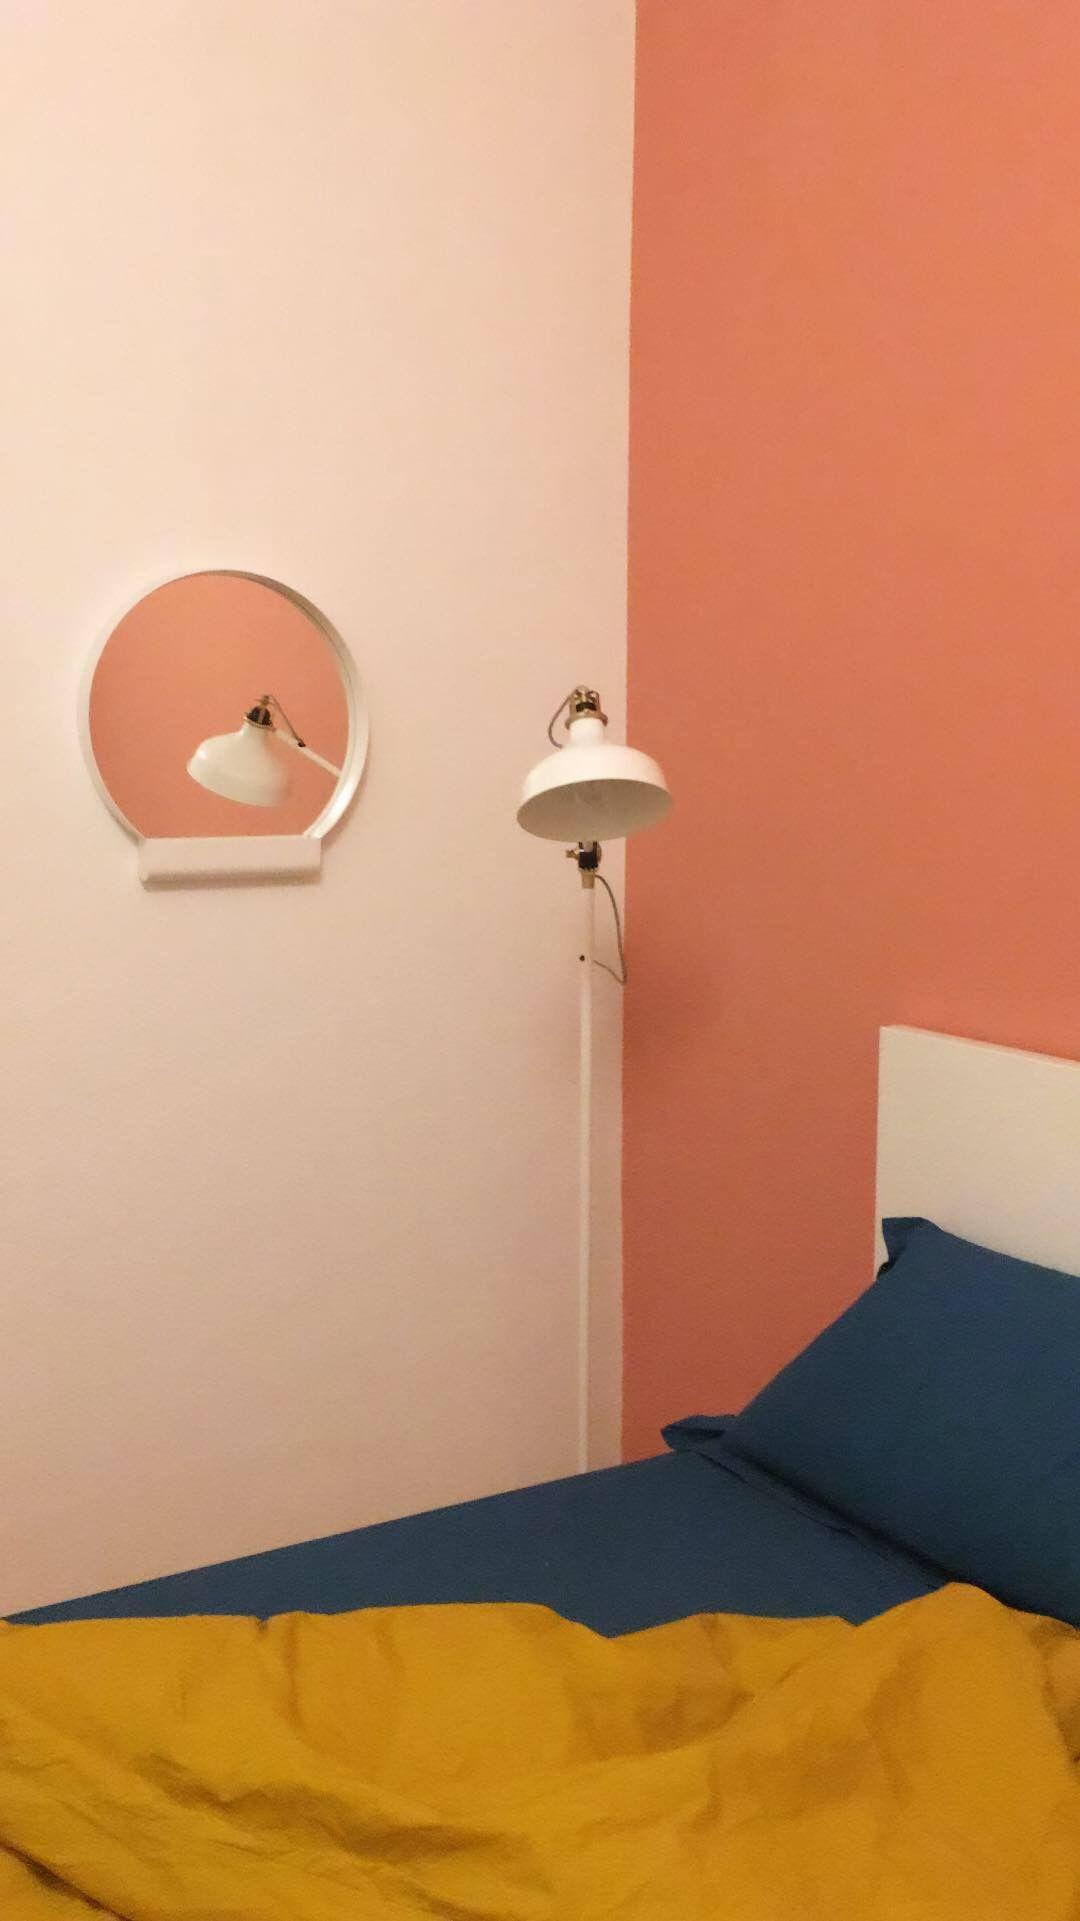 Giochi di specchi in camera da letto e colori caldi. | Idee casa nel ...